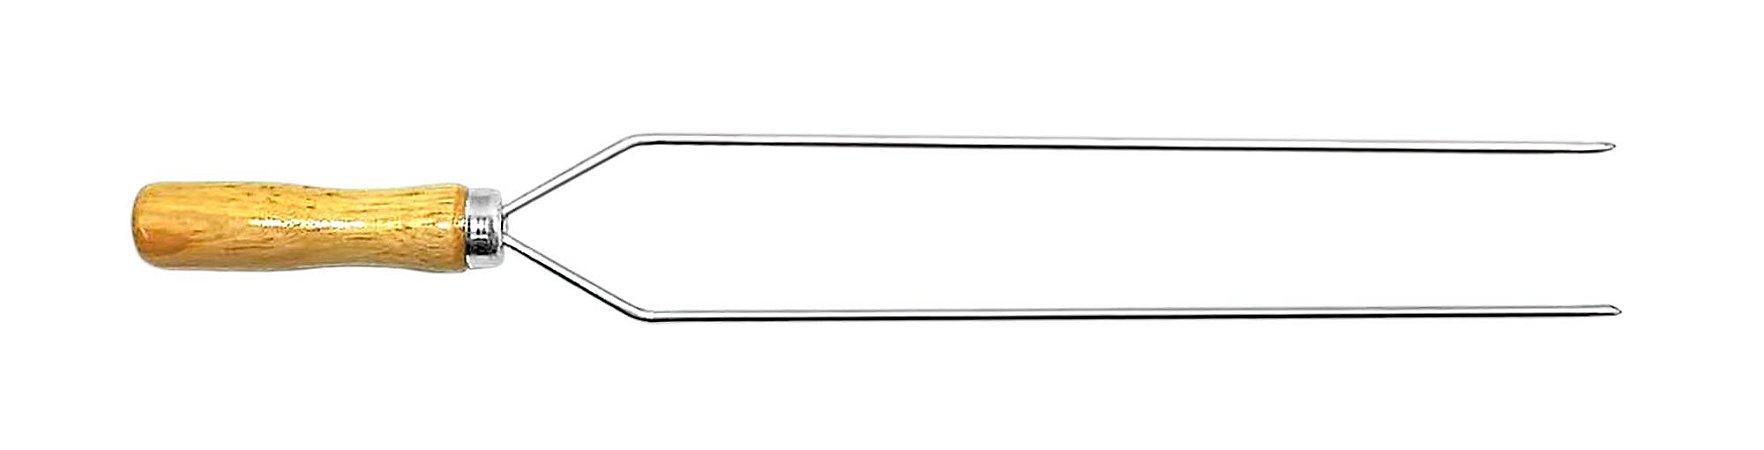 Espetinho Duplo Aço Cr 46cm x 3mm (cabo 9,5 cm) -